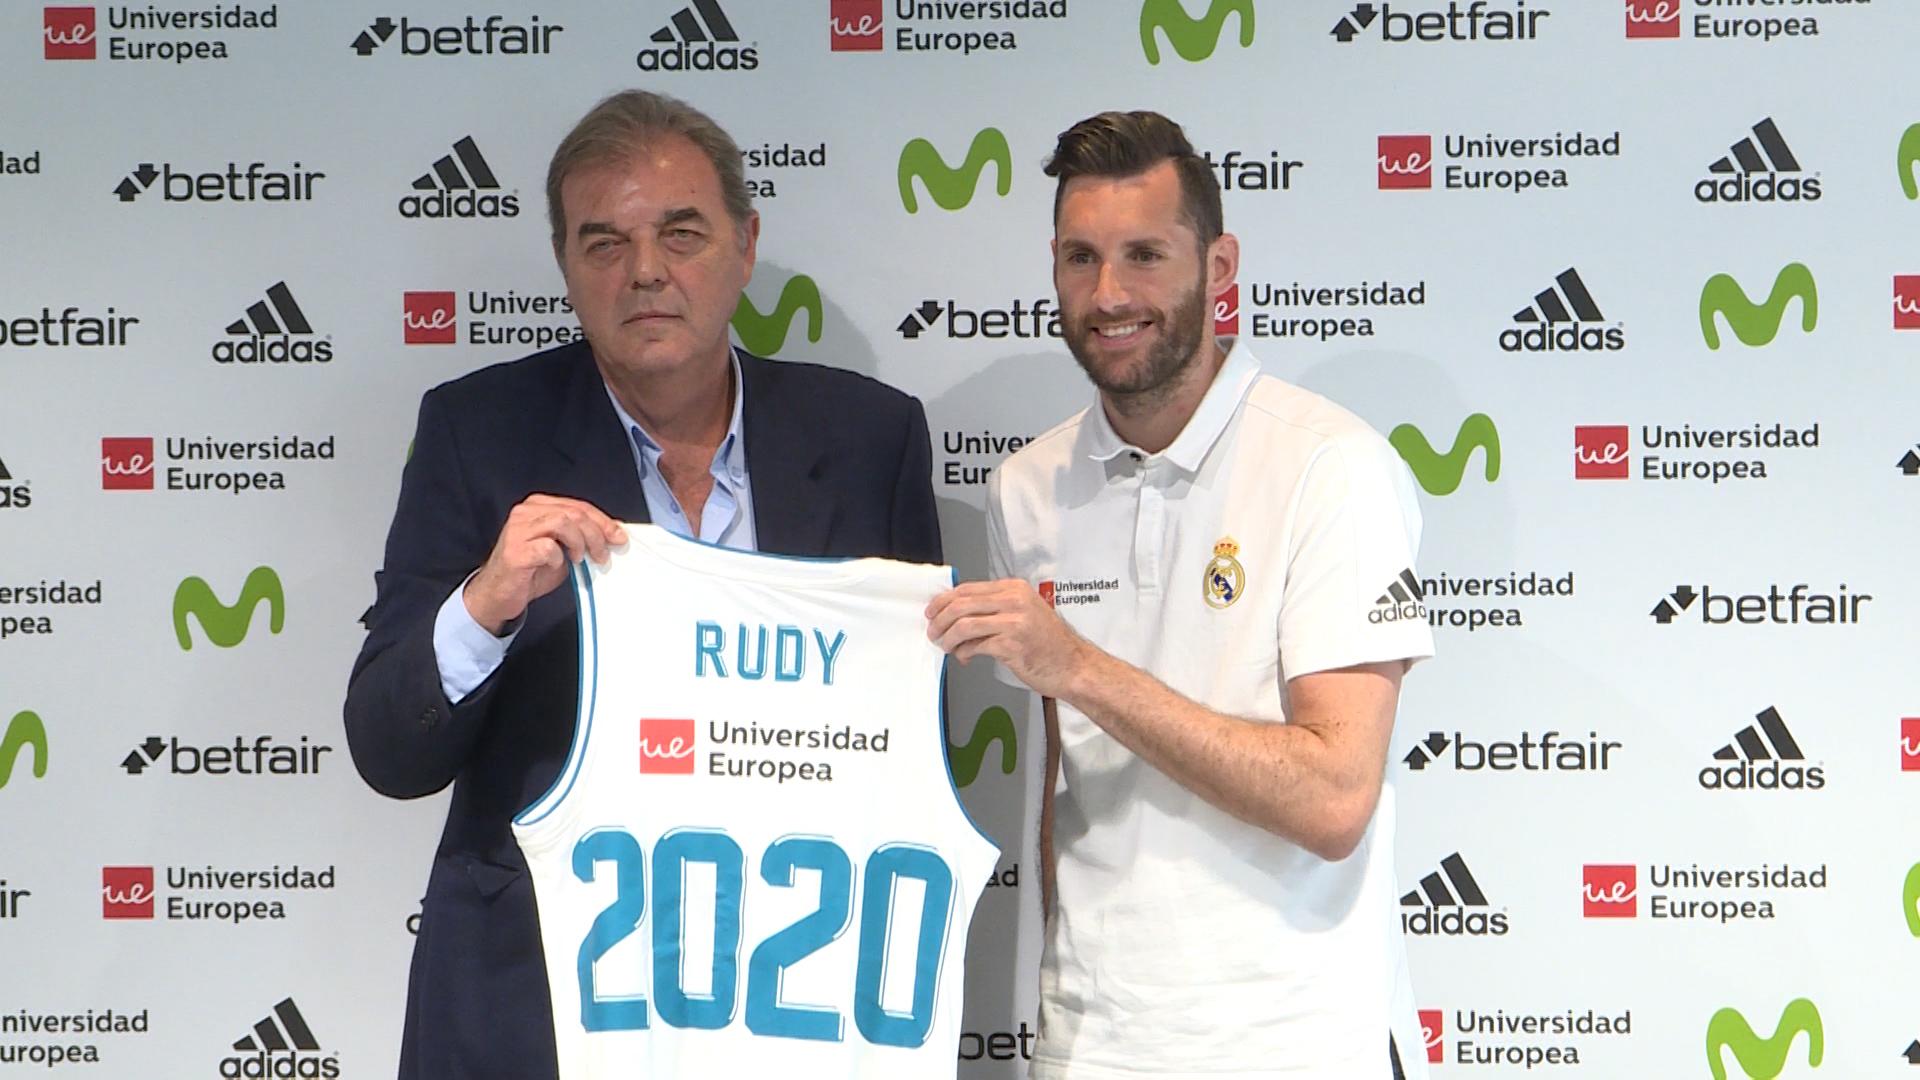 #OpiniónRMB | Rudy 2020